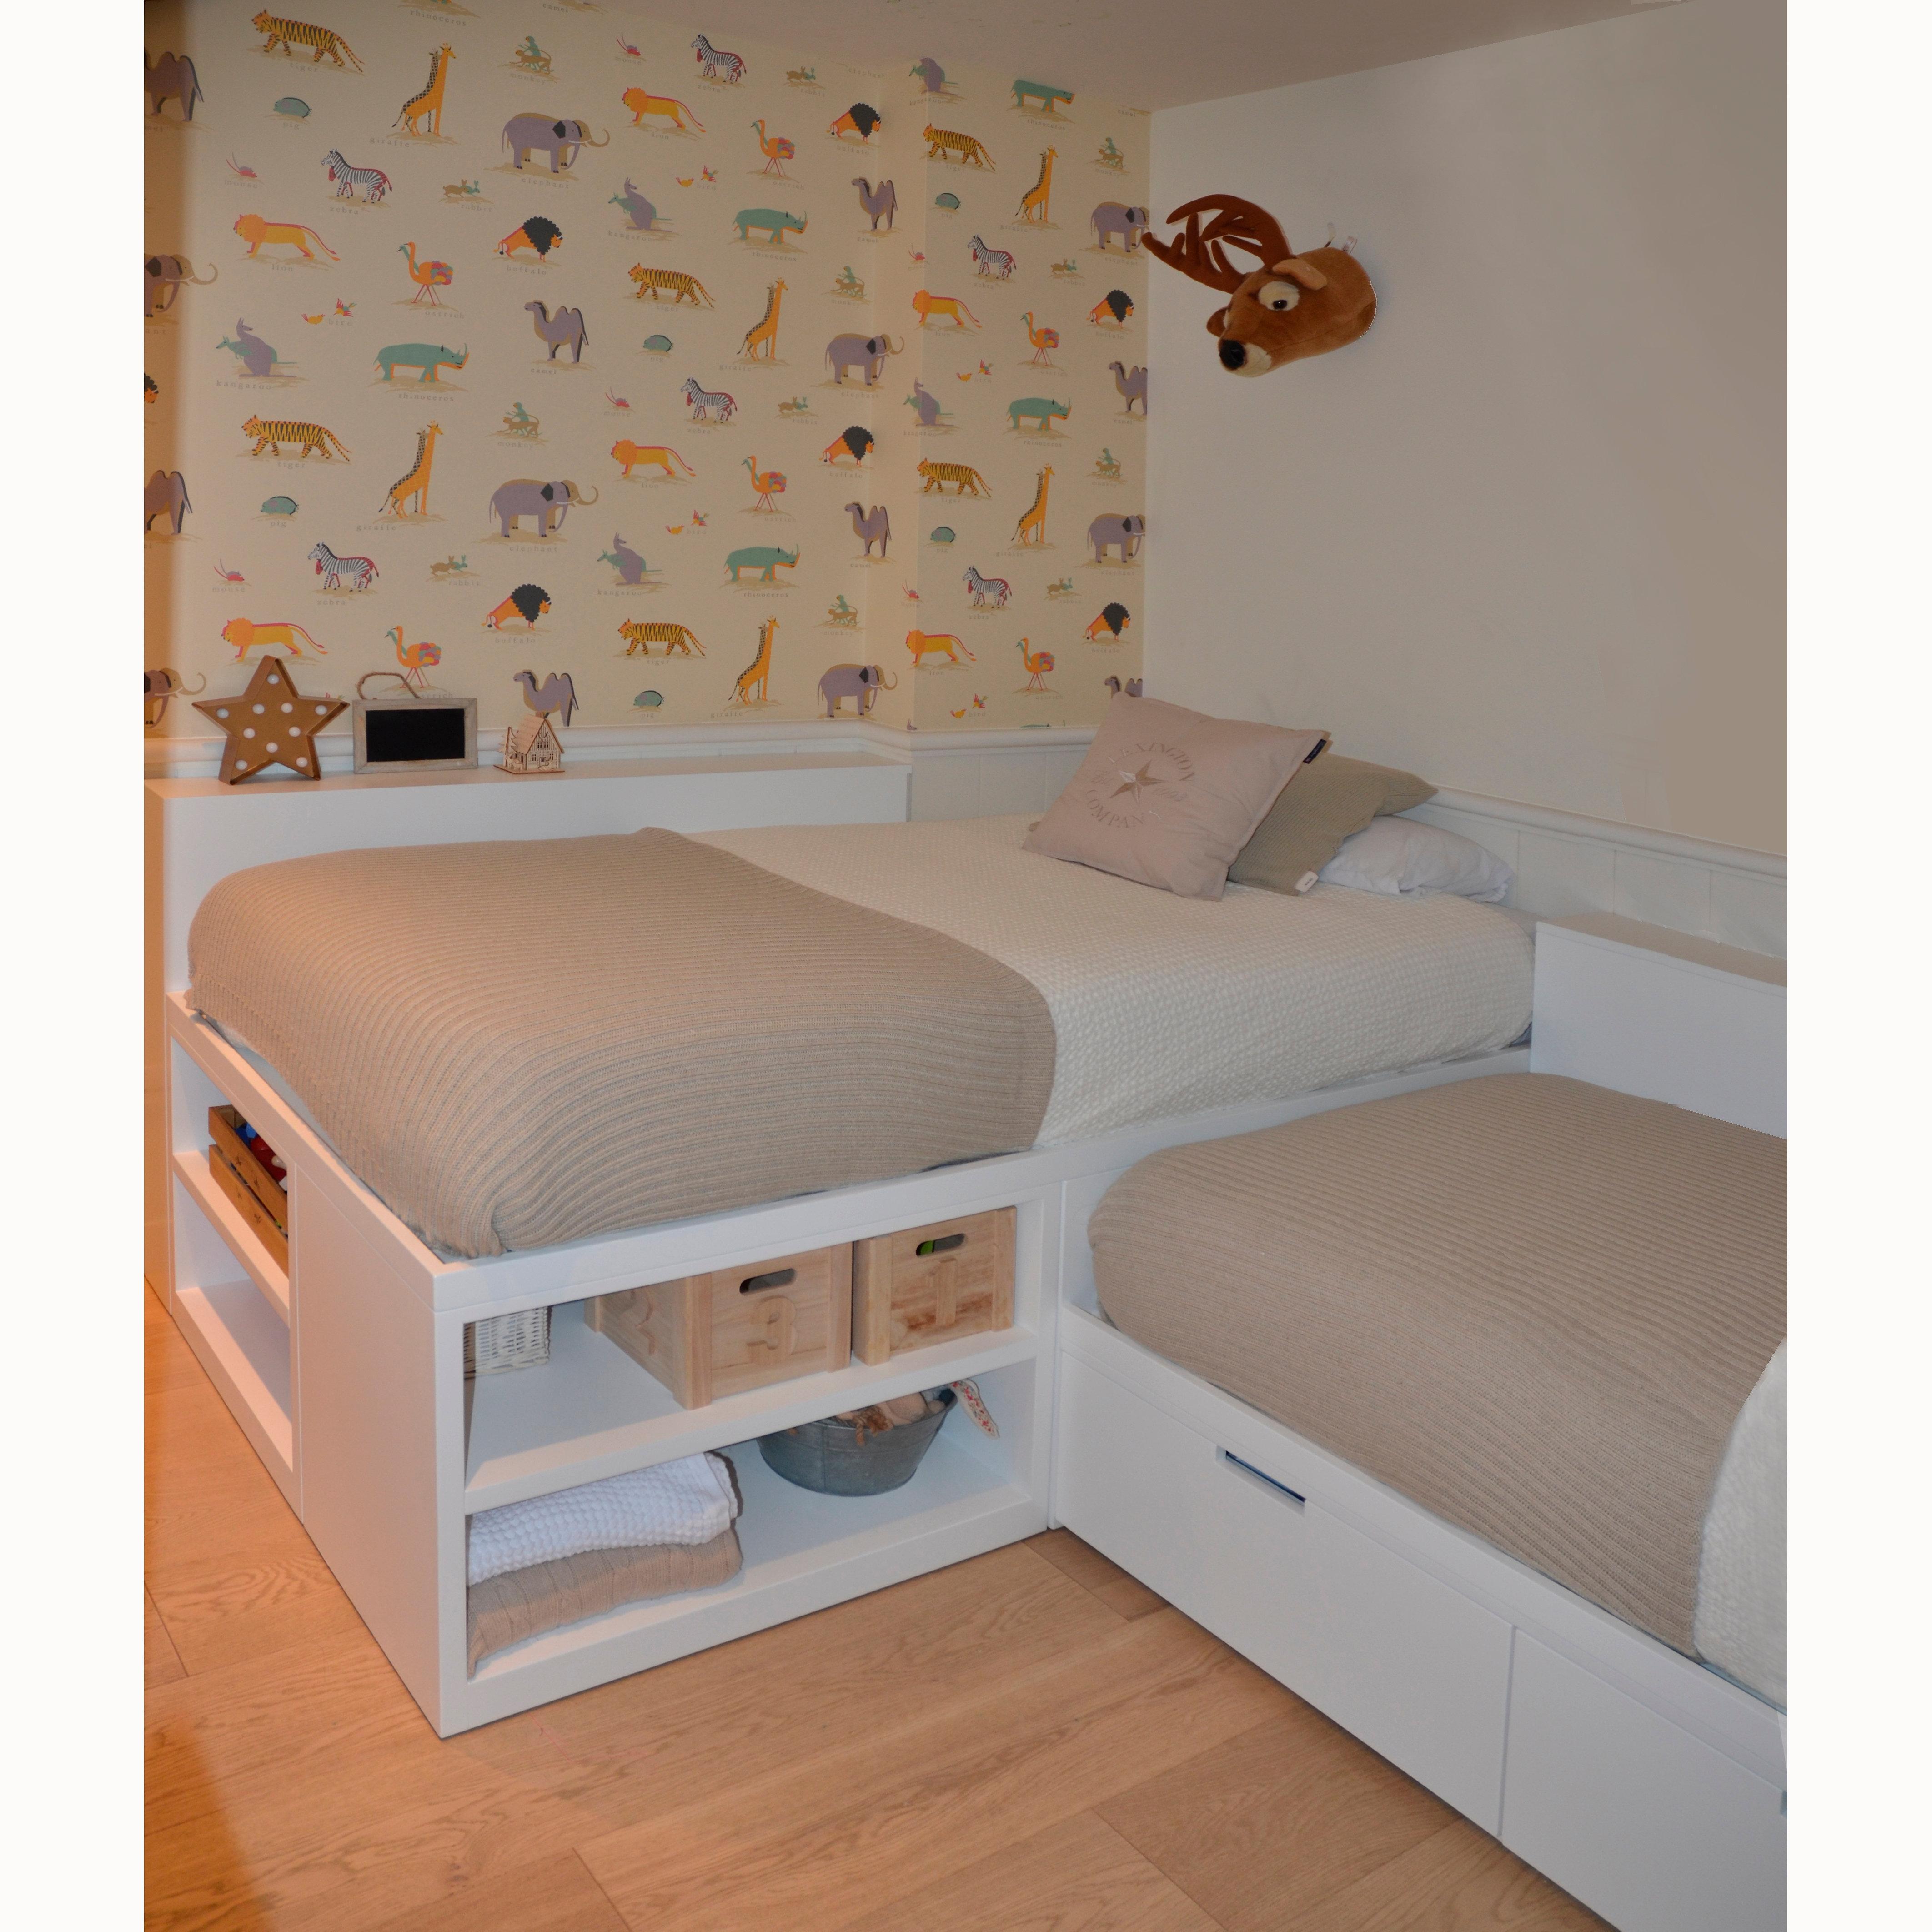 Cama con armario debajo best tamao montado with cama con for Cama nido alta con cajones